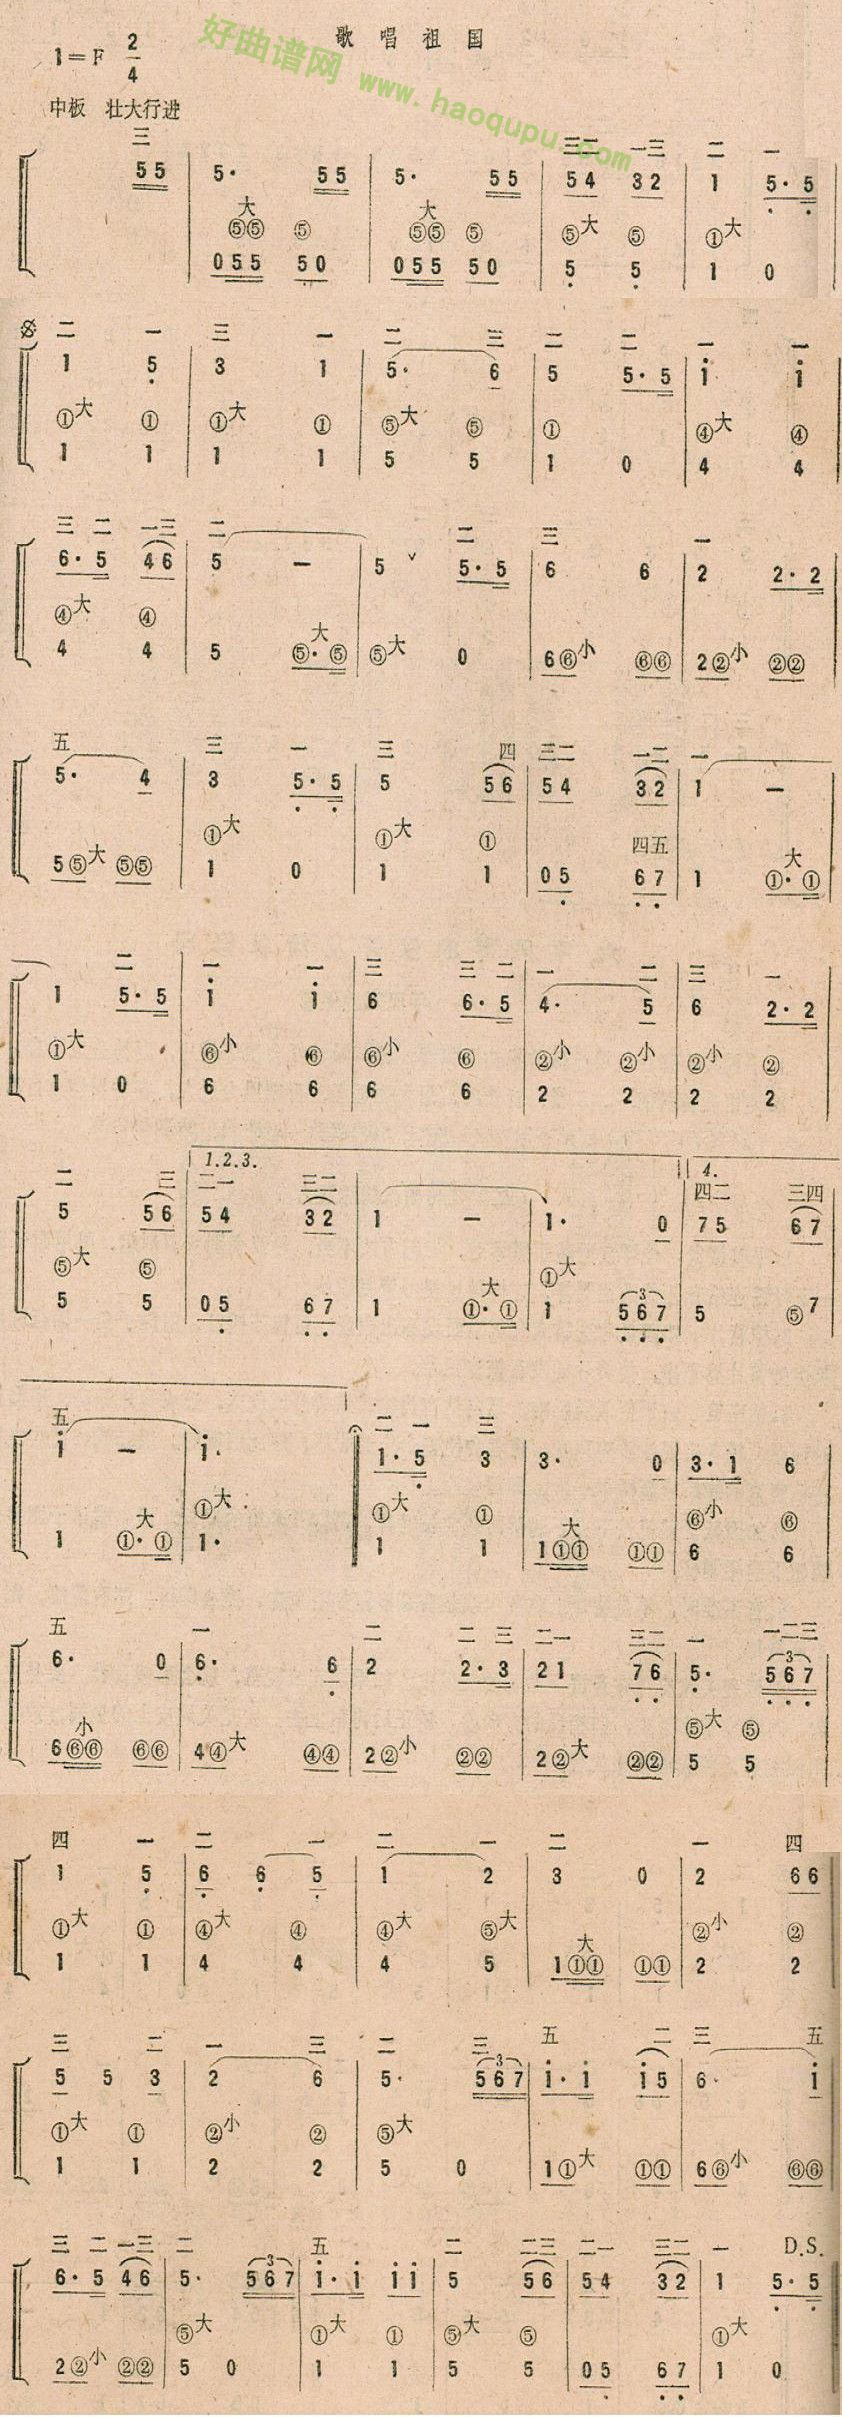 《歌唱祖国》 - 手风琴曲谱